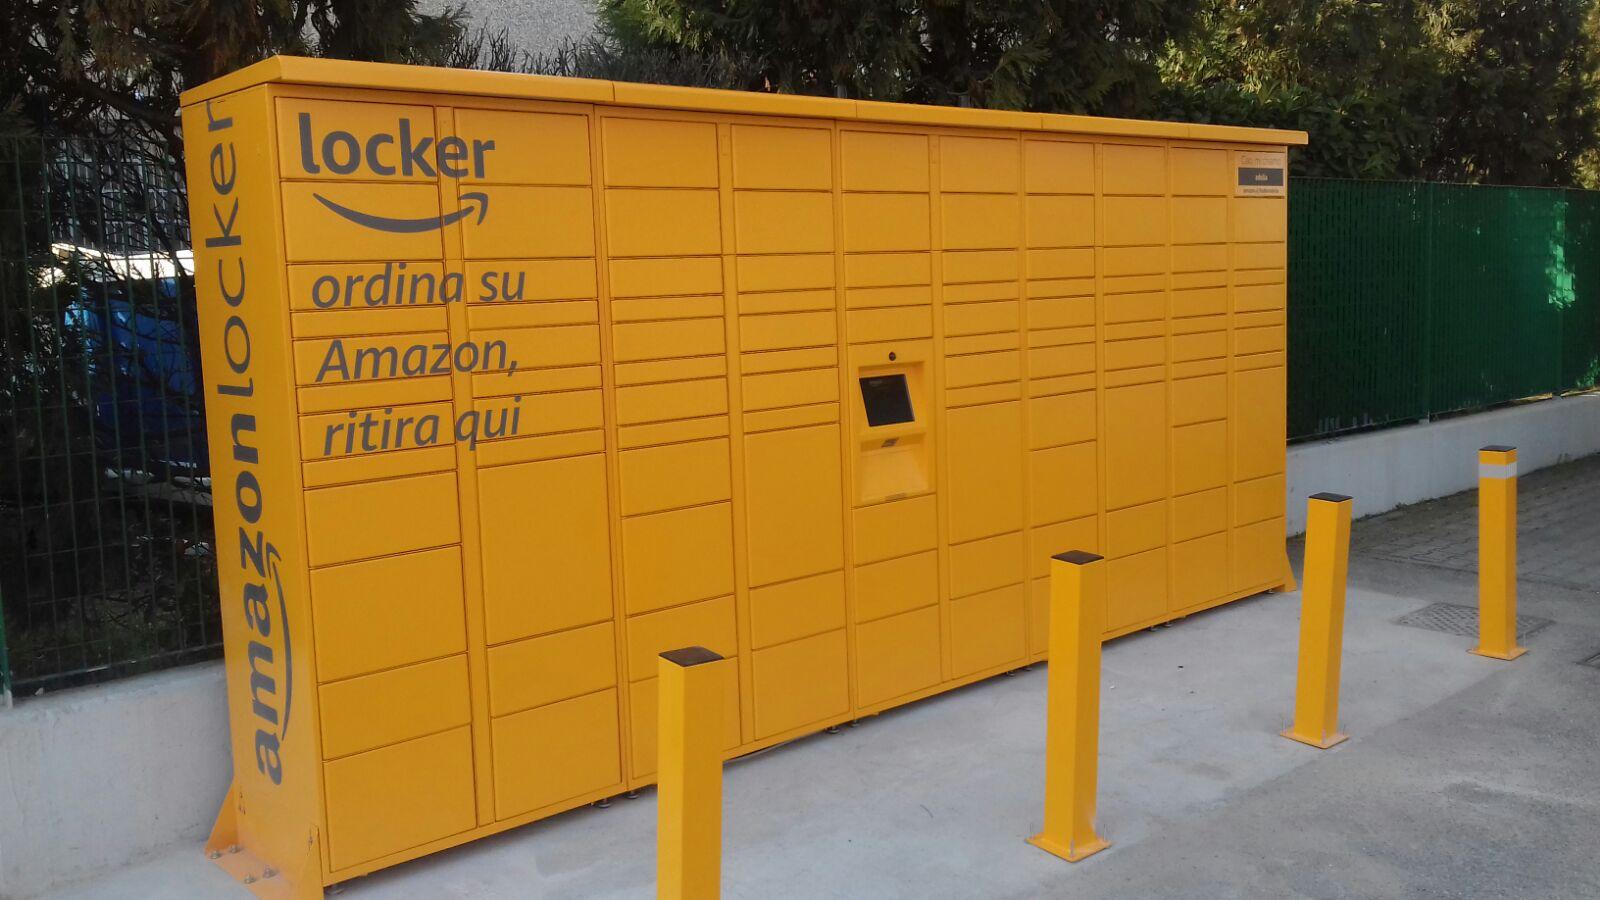 GELMINI per la gestione dei Locker Amazon